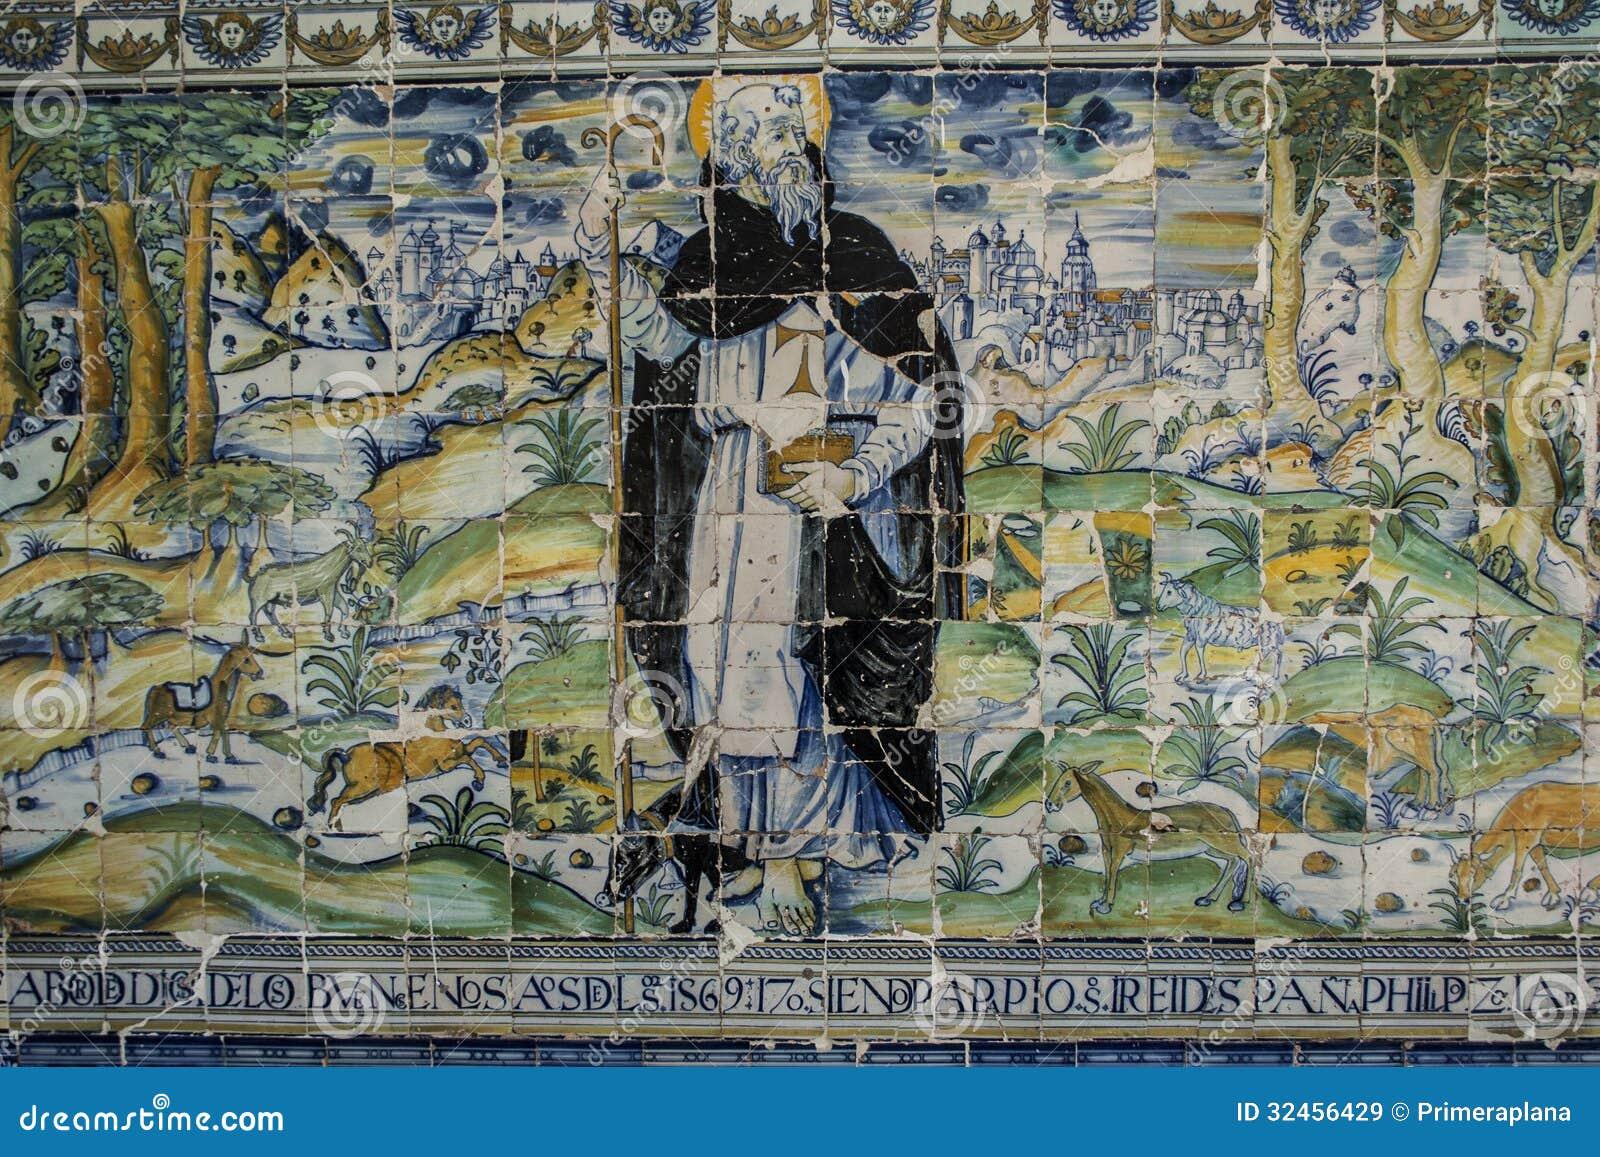 Cer mica de talavera tejas basilica del prado talavera for Calle prado 8 talavera dela reina